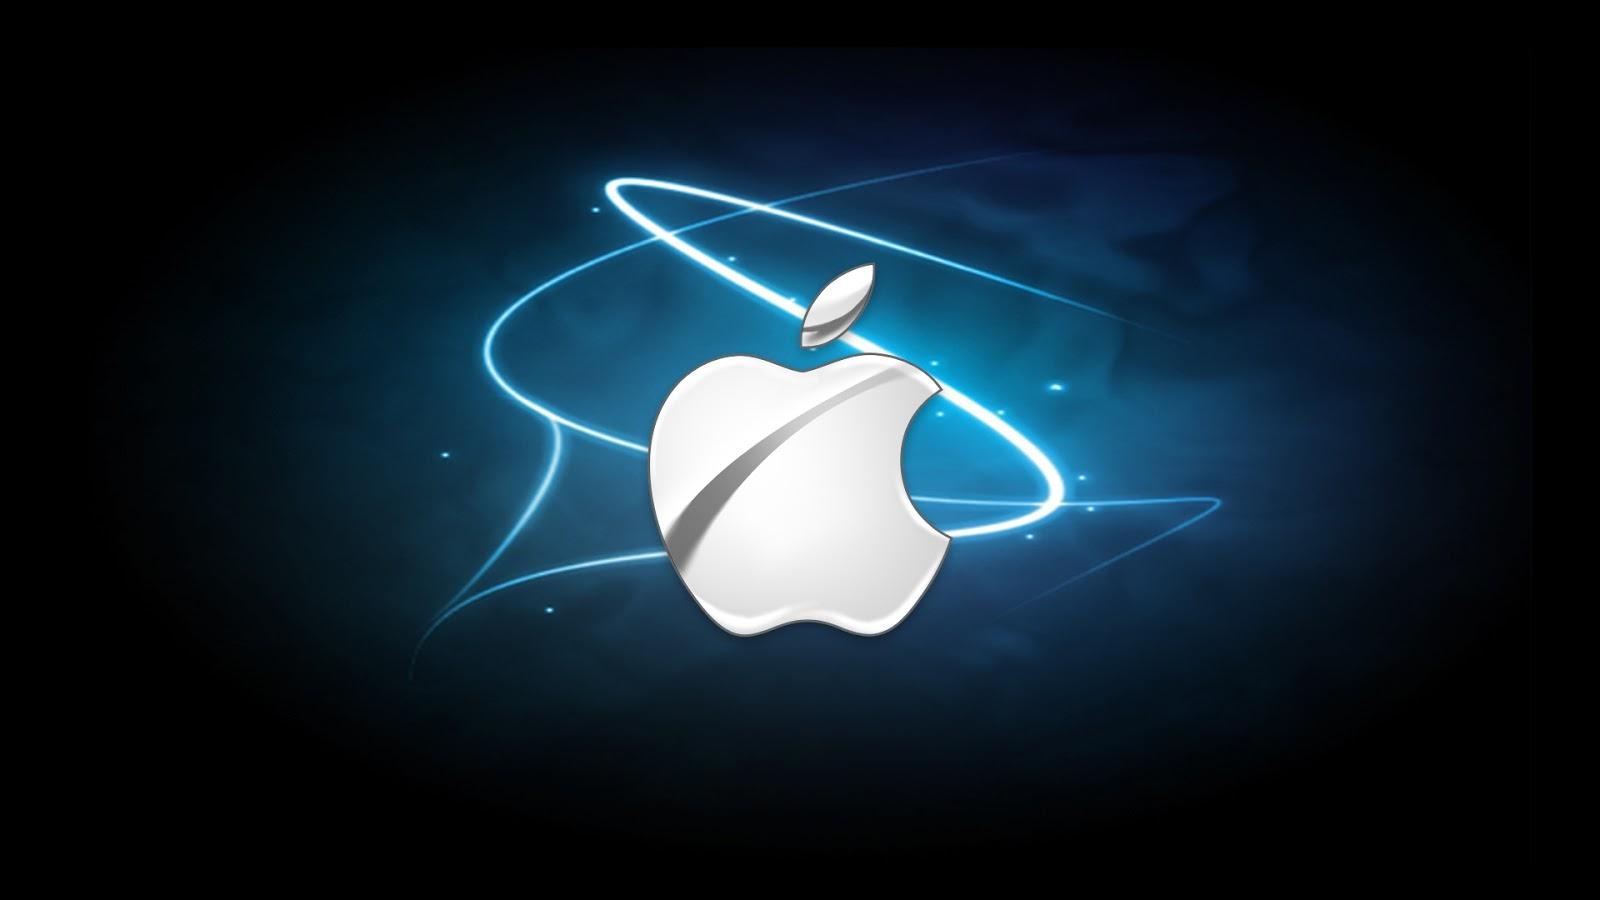 Apple presentará nuevos productos el día 27 de marzo